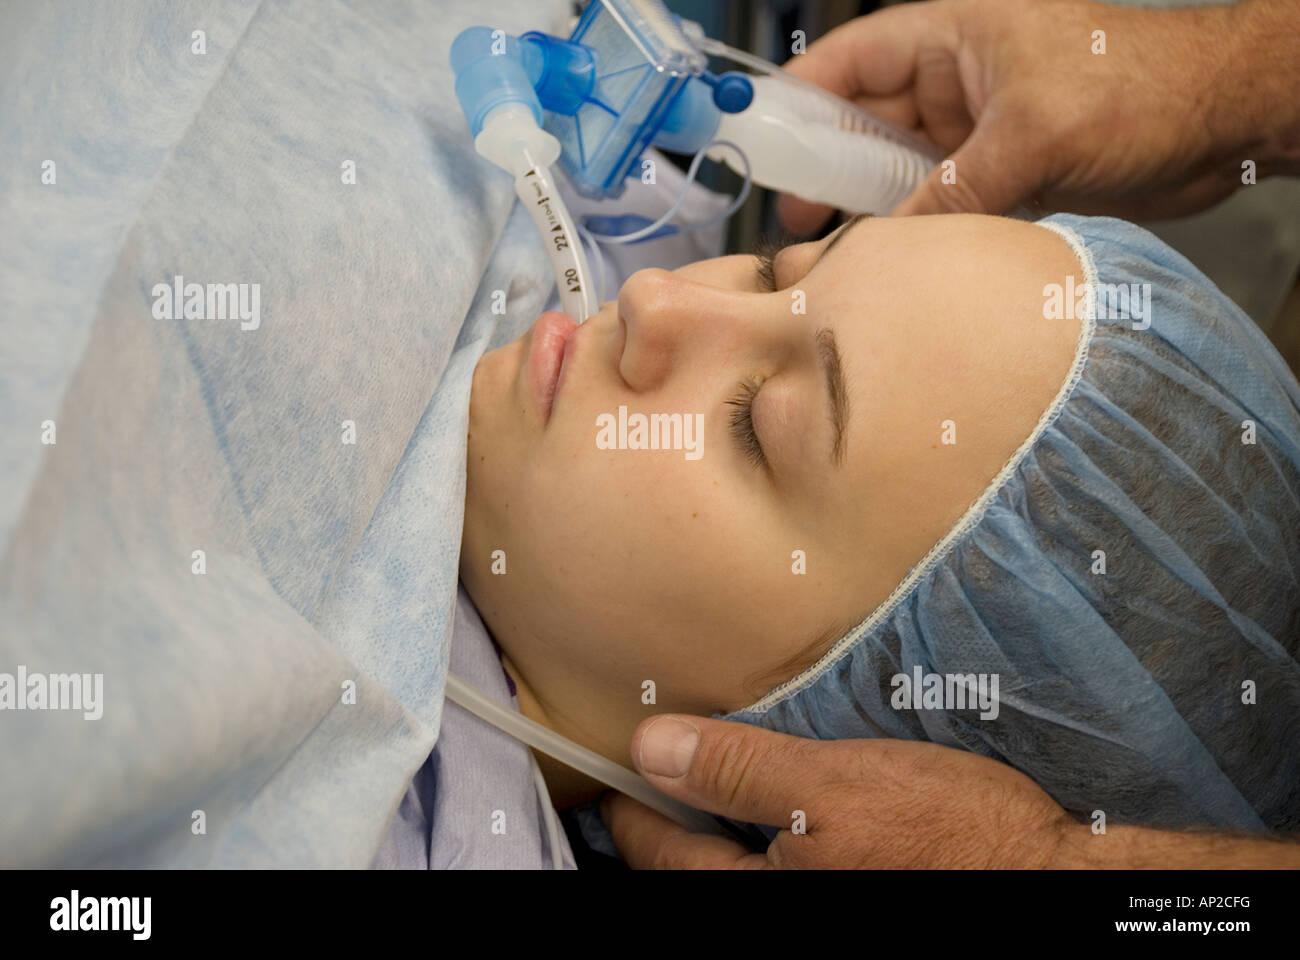 Трахнули под наркозом онлайн, Зубной врач сделал грудастой пациентке наркоз 9 фотография